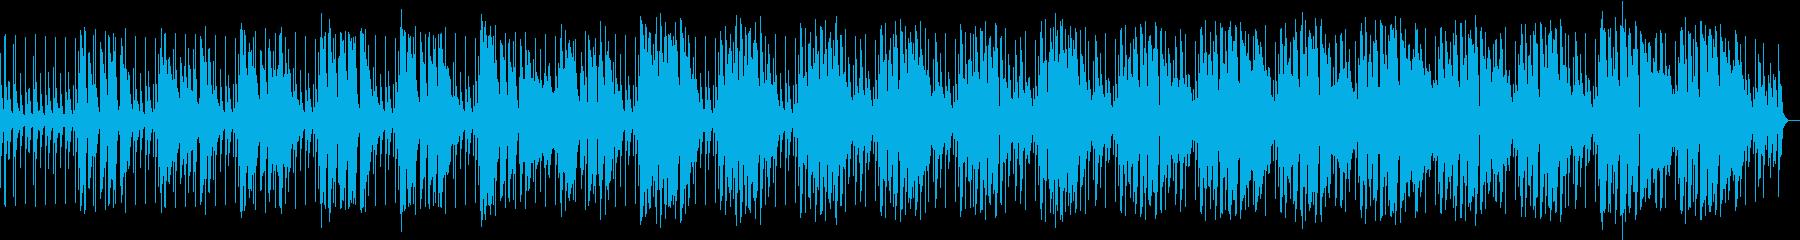 爽やかなアコースティックポップ生演奏の再生済みの波形